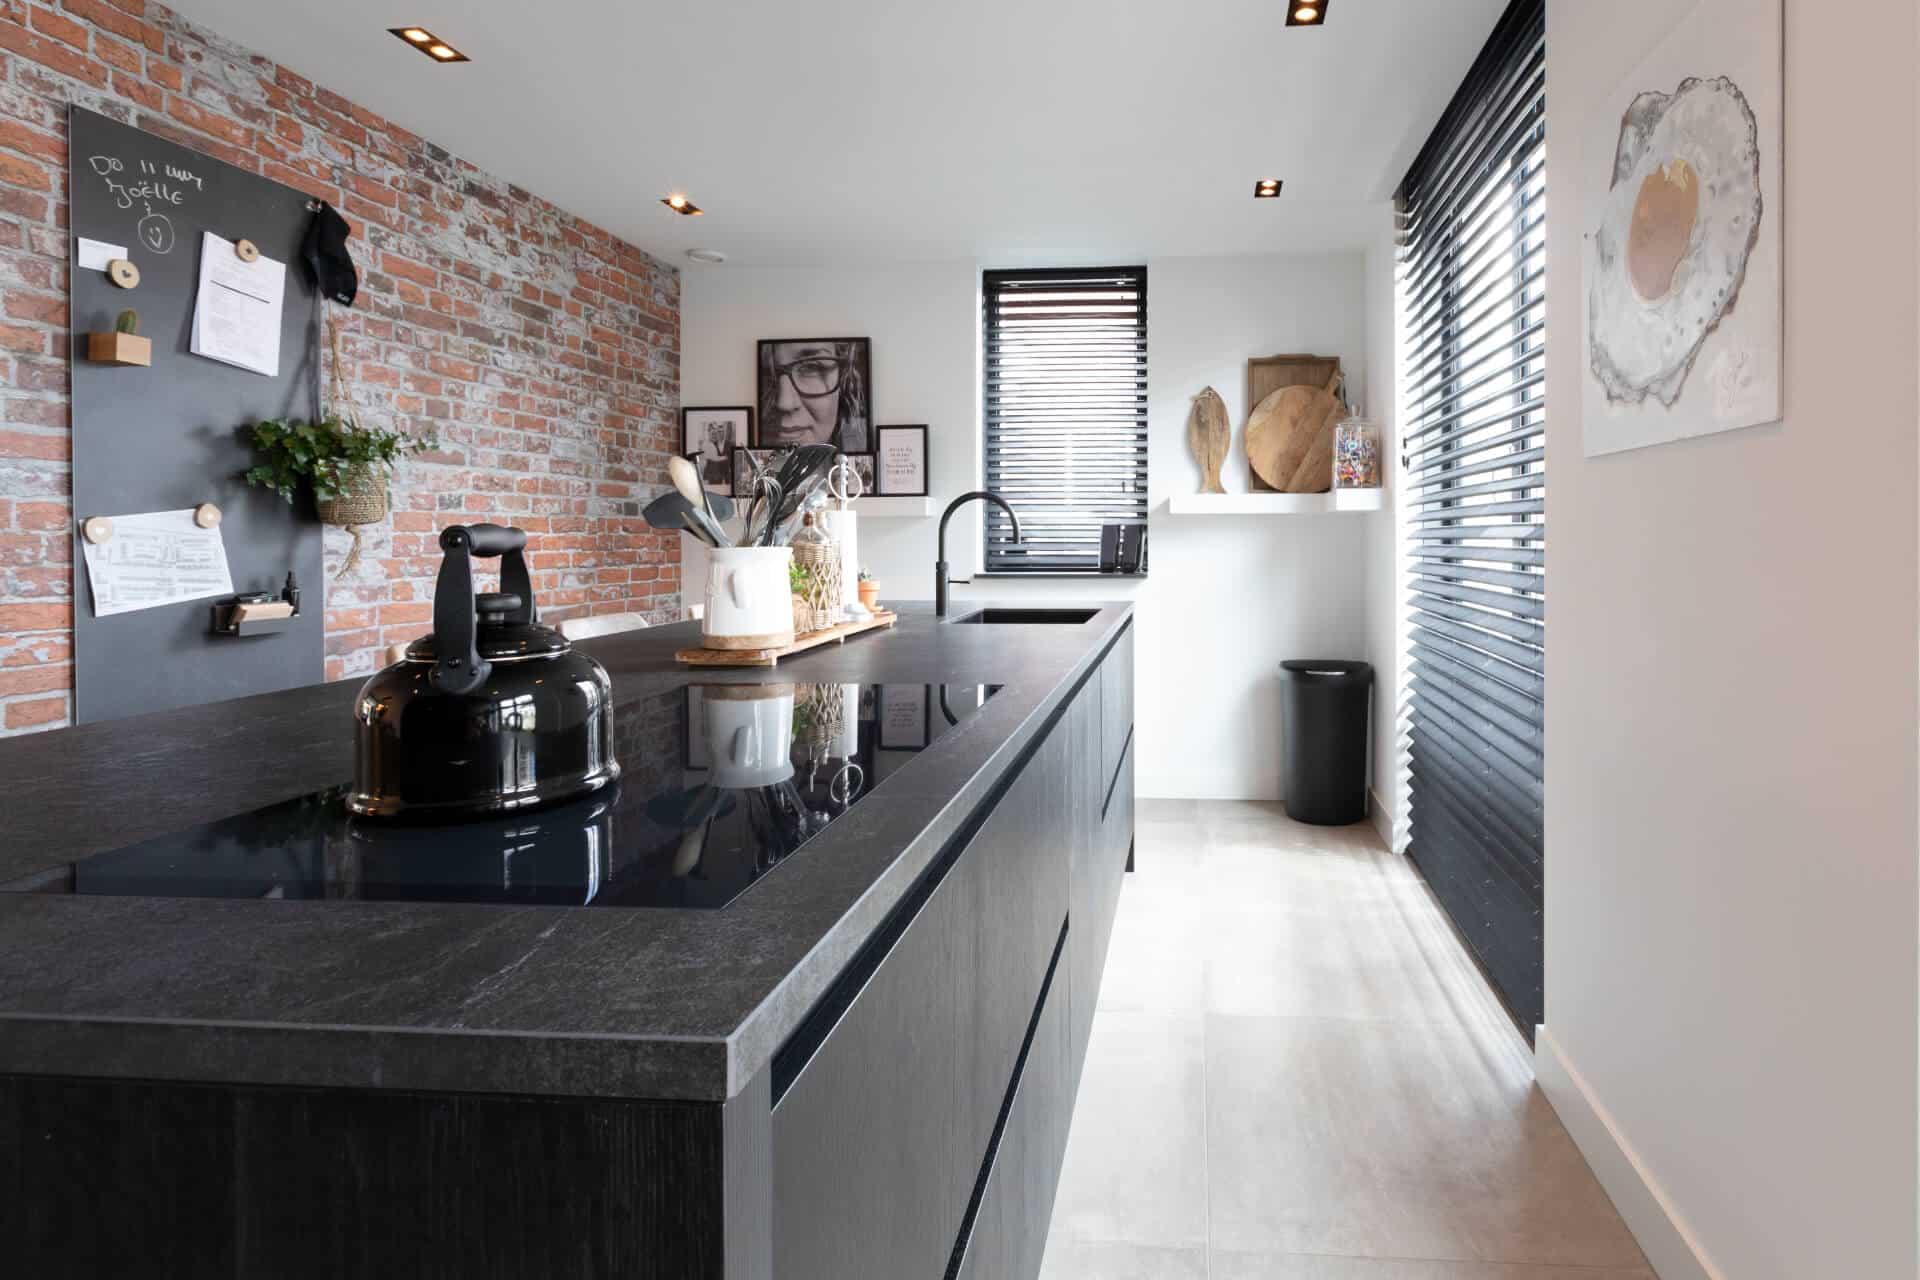 Donker gestijlde keuken met luxe uitstraling | Bunschoten Spakenburg